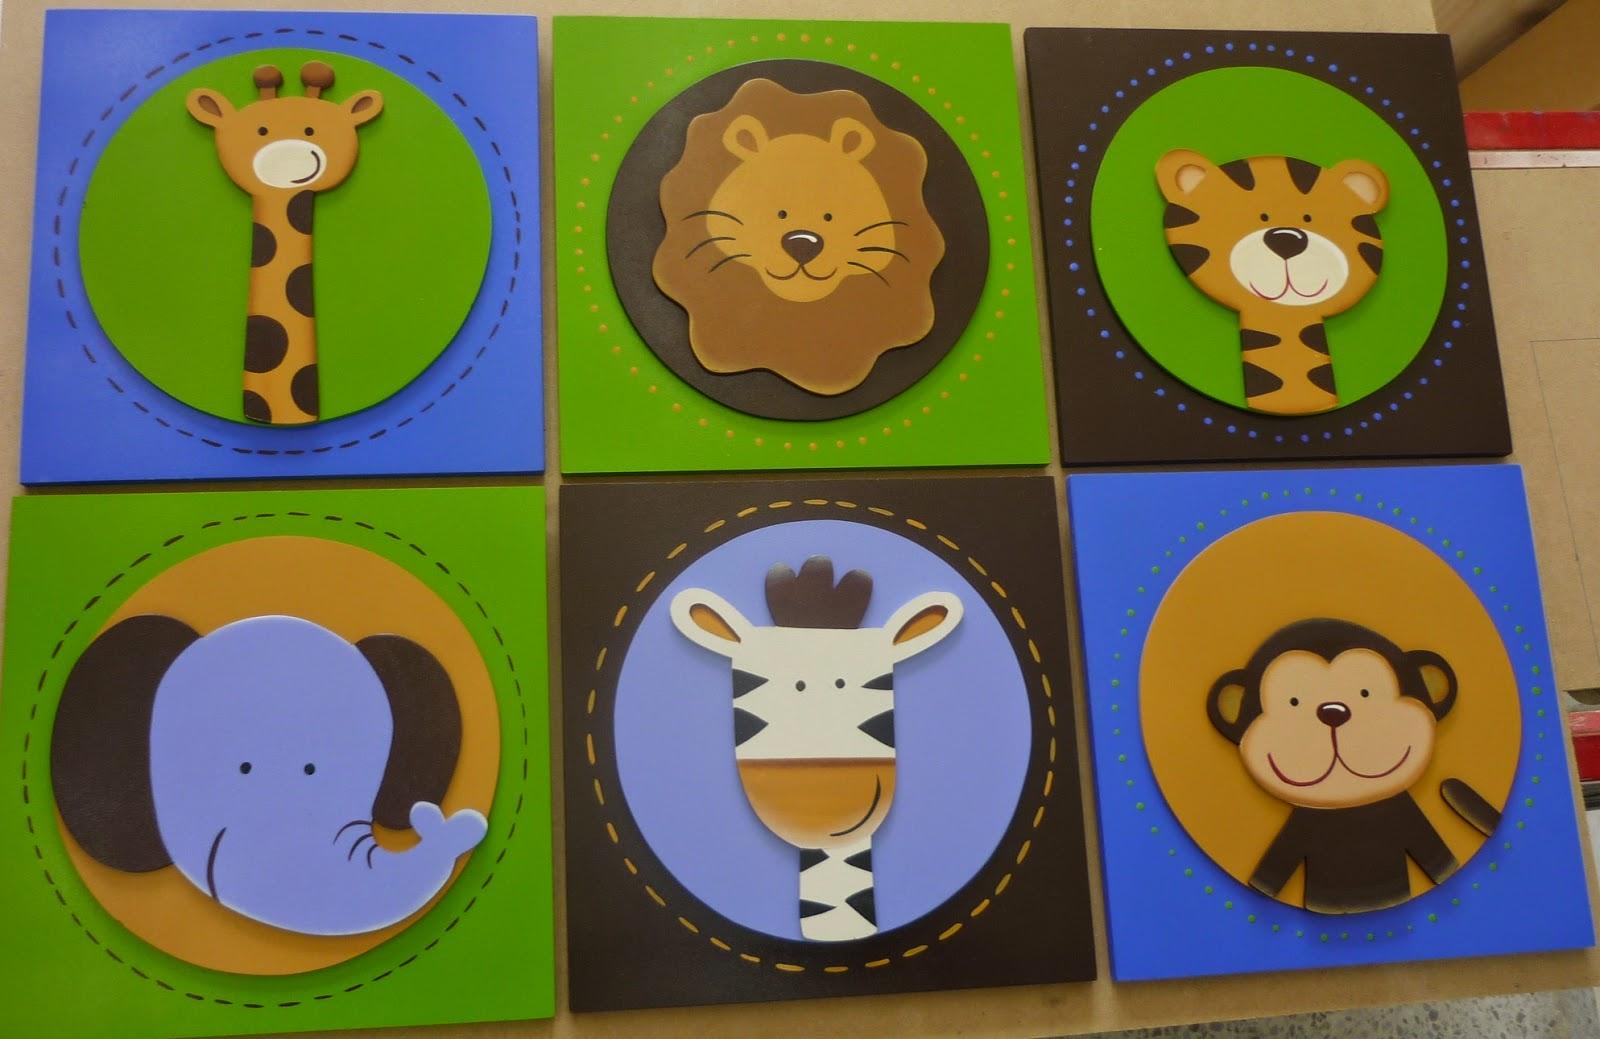 Cuadros para ni os maca color y cosas - Cuadros abstractos para ninos ...